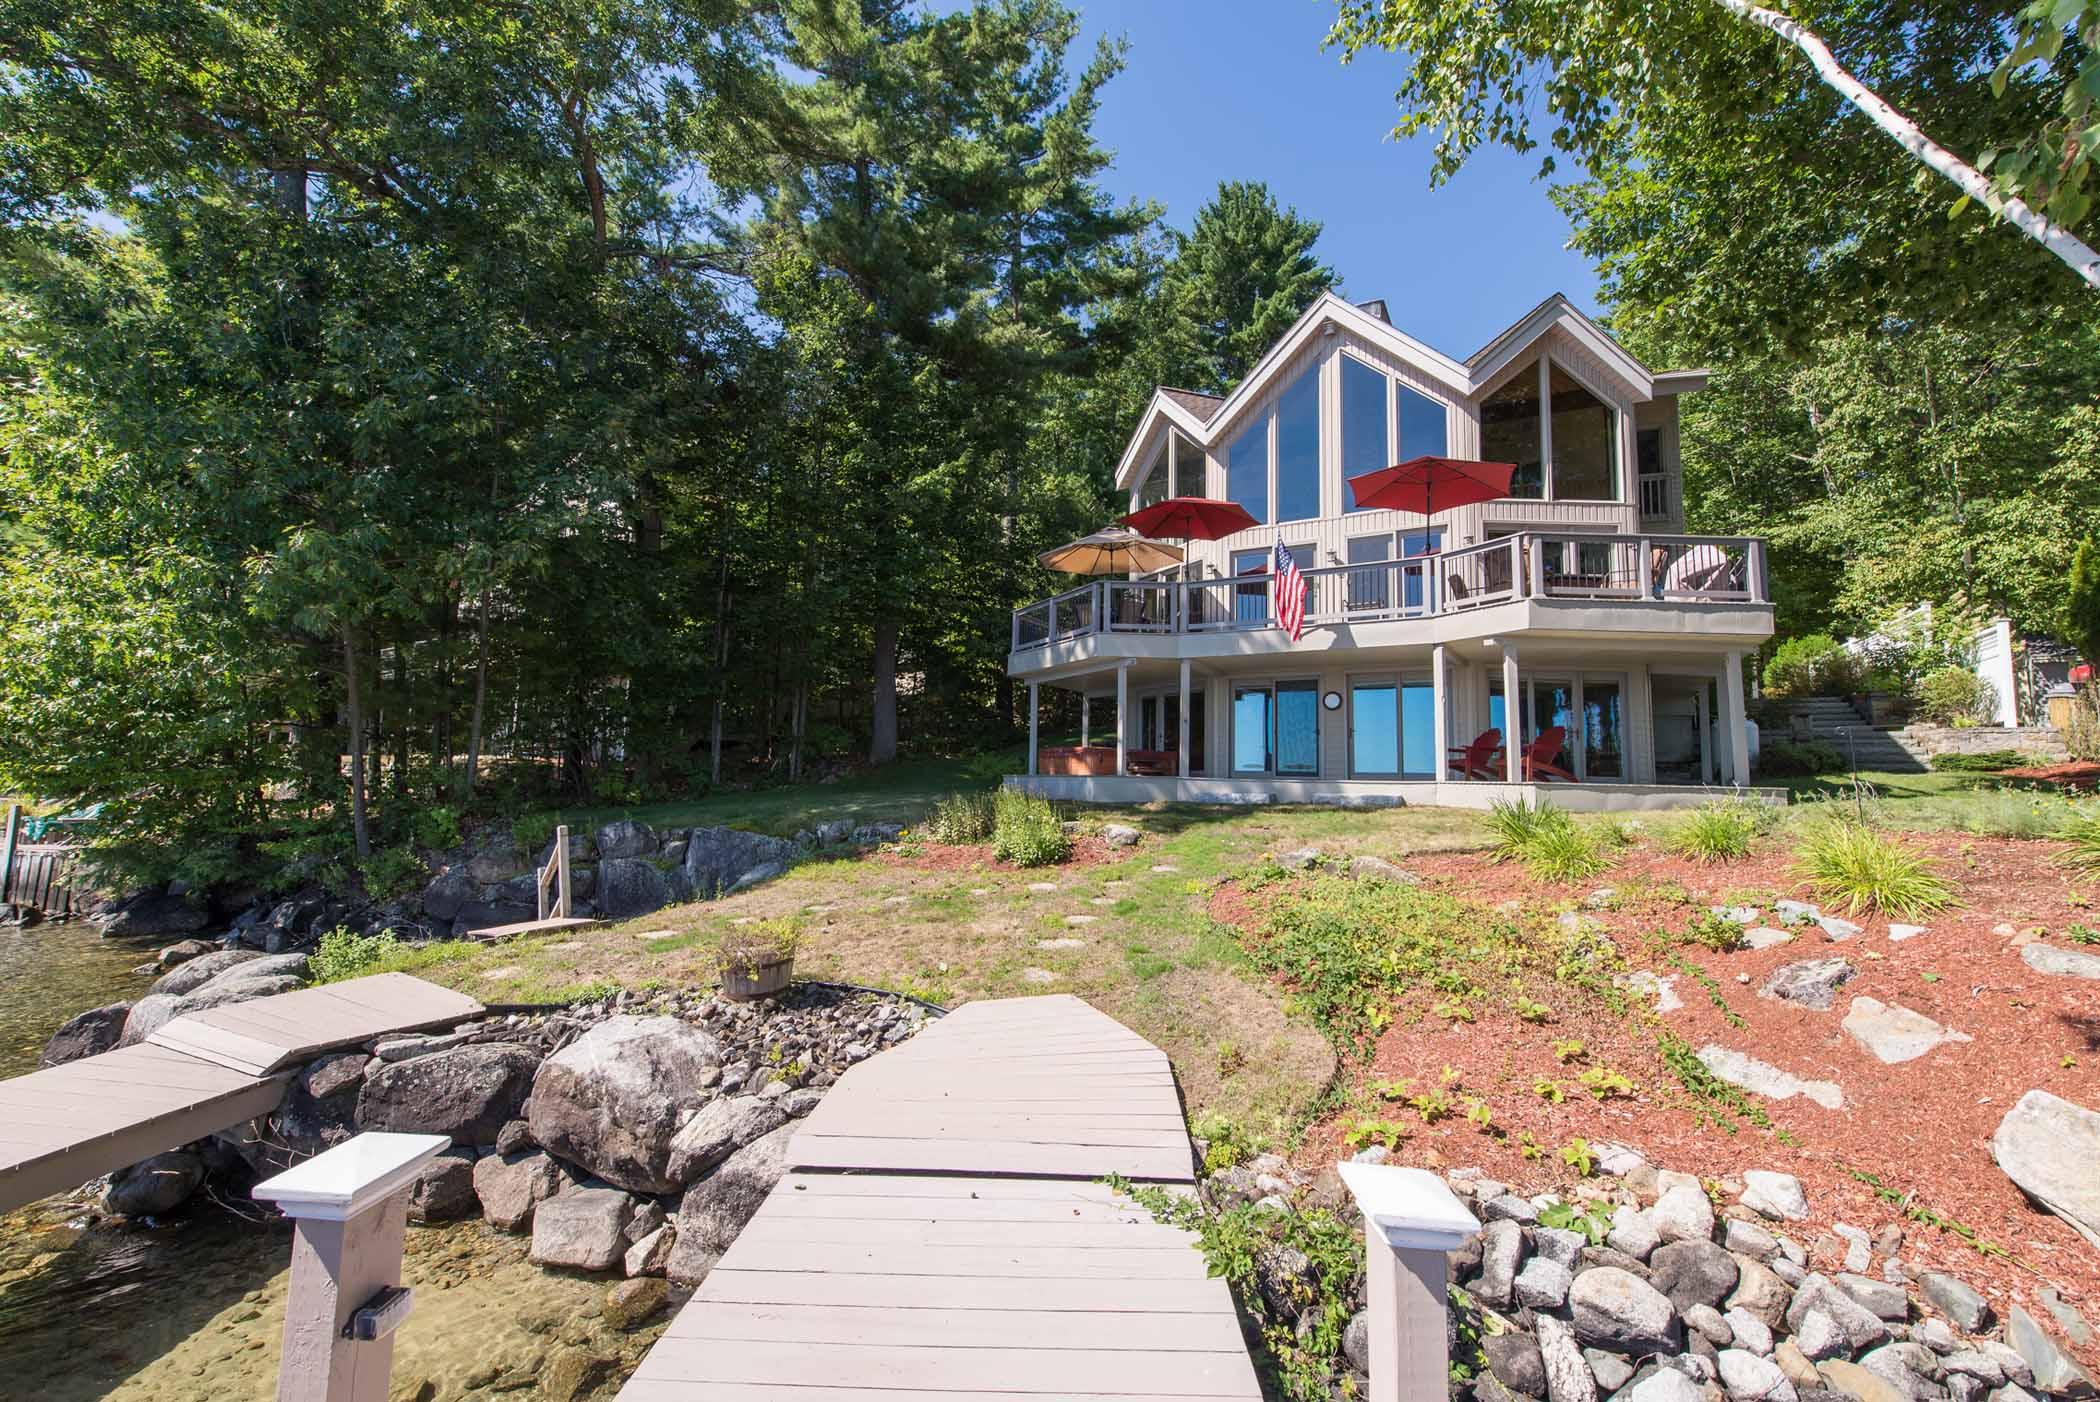 Частный односемейный дом для того Продажа на 100 Cattle Landing Rd, Meredith Meredith, Нью-Гэмпшир 03253 Соединенные Штаты